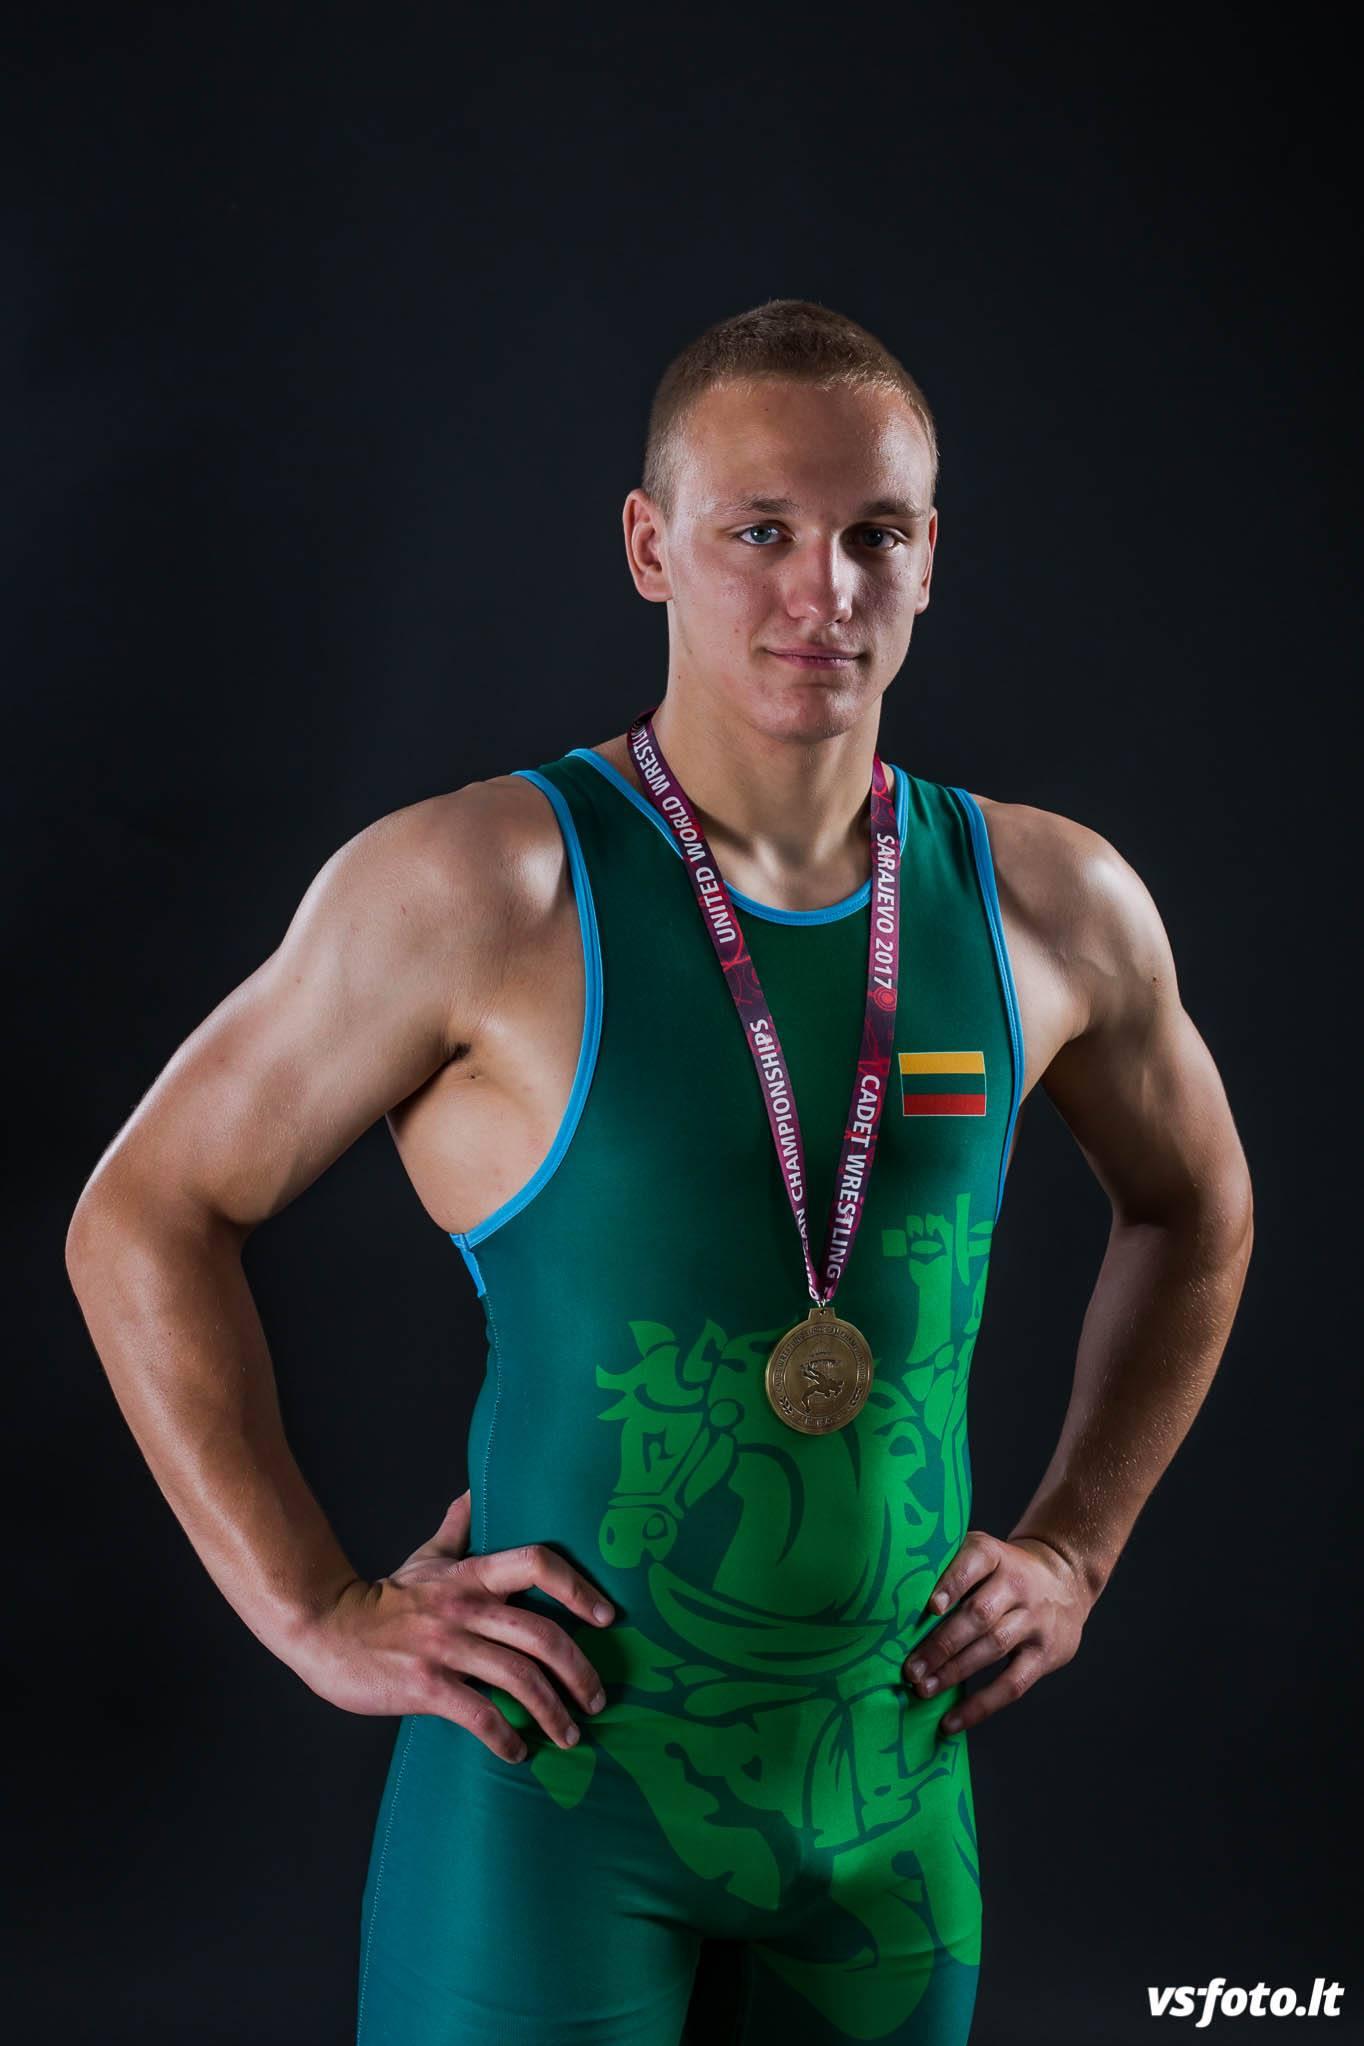 Pasaulio jaunių imtynių čempionato starte – banguotas mūsų šalies atletų pasirodymas (vaizdo įrašai)